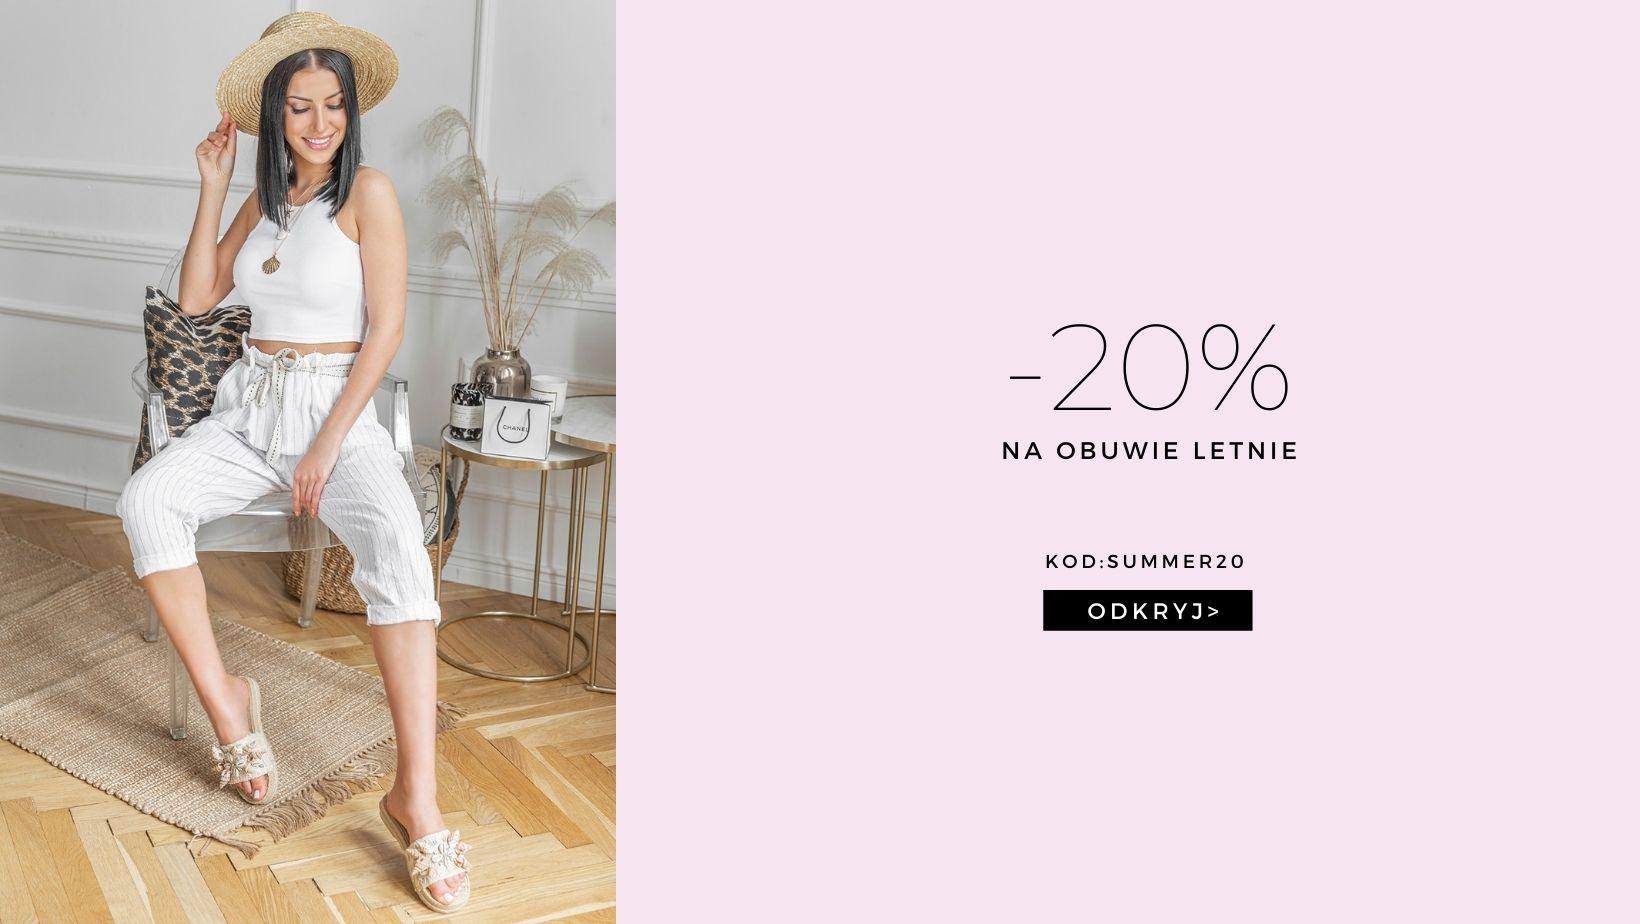 Hers: 20% zniżki na obuwie letnie